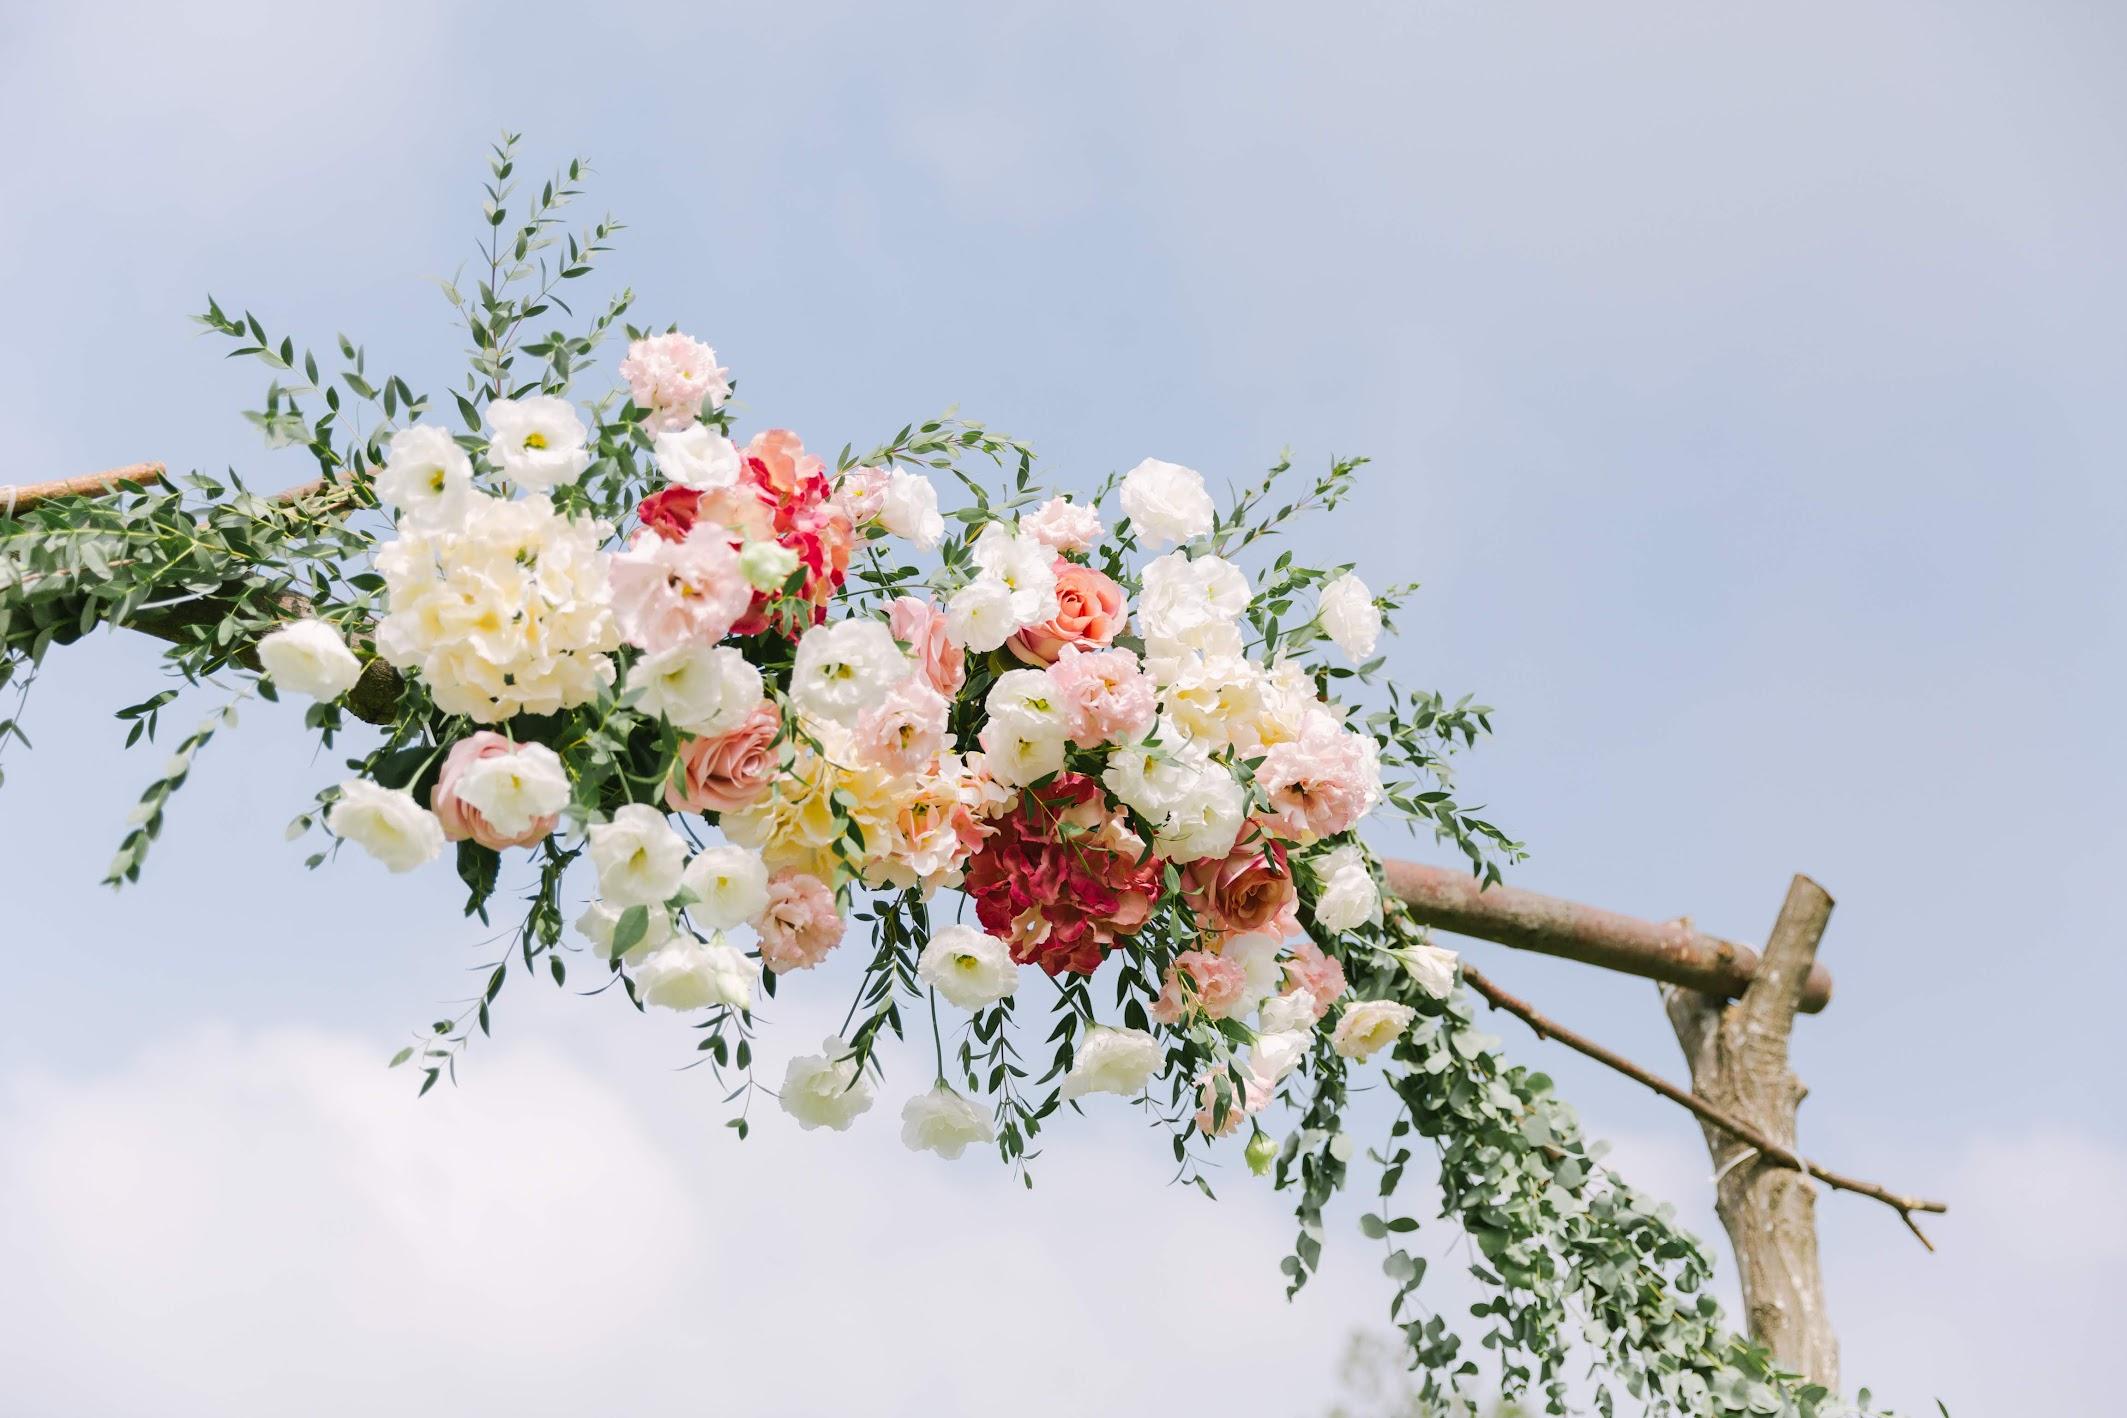 美式婚禮|SUSHI+SHIN WEDDING|華山觀止虫二行館婚禮 - 美式婚禮紀錄 - 美式婚紗 - 美式婚攝 - Amazing Grace 婚禮|